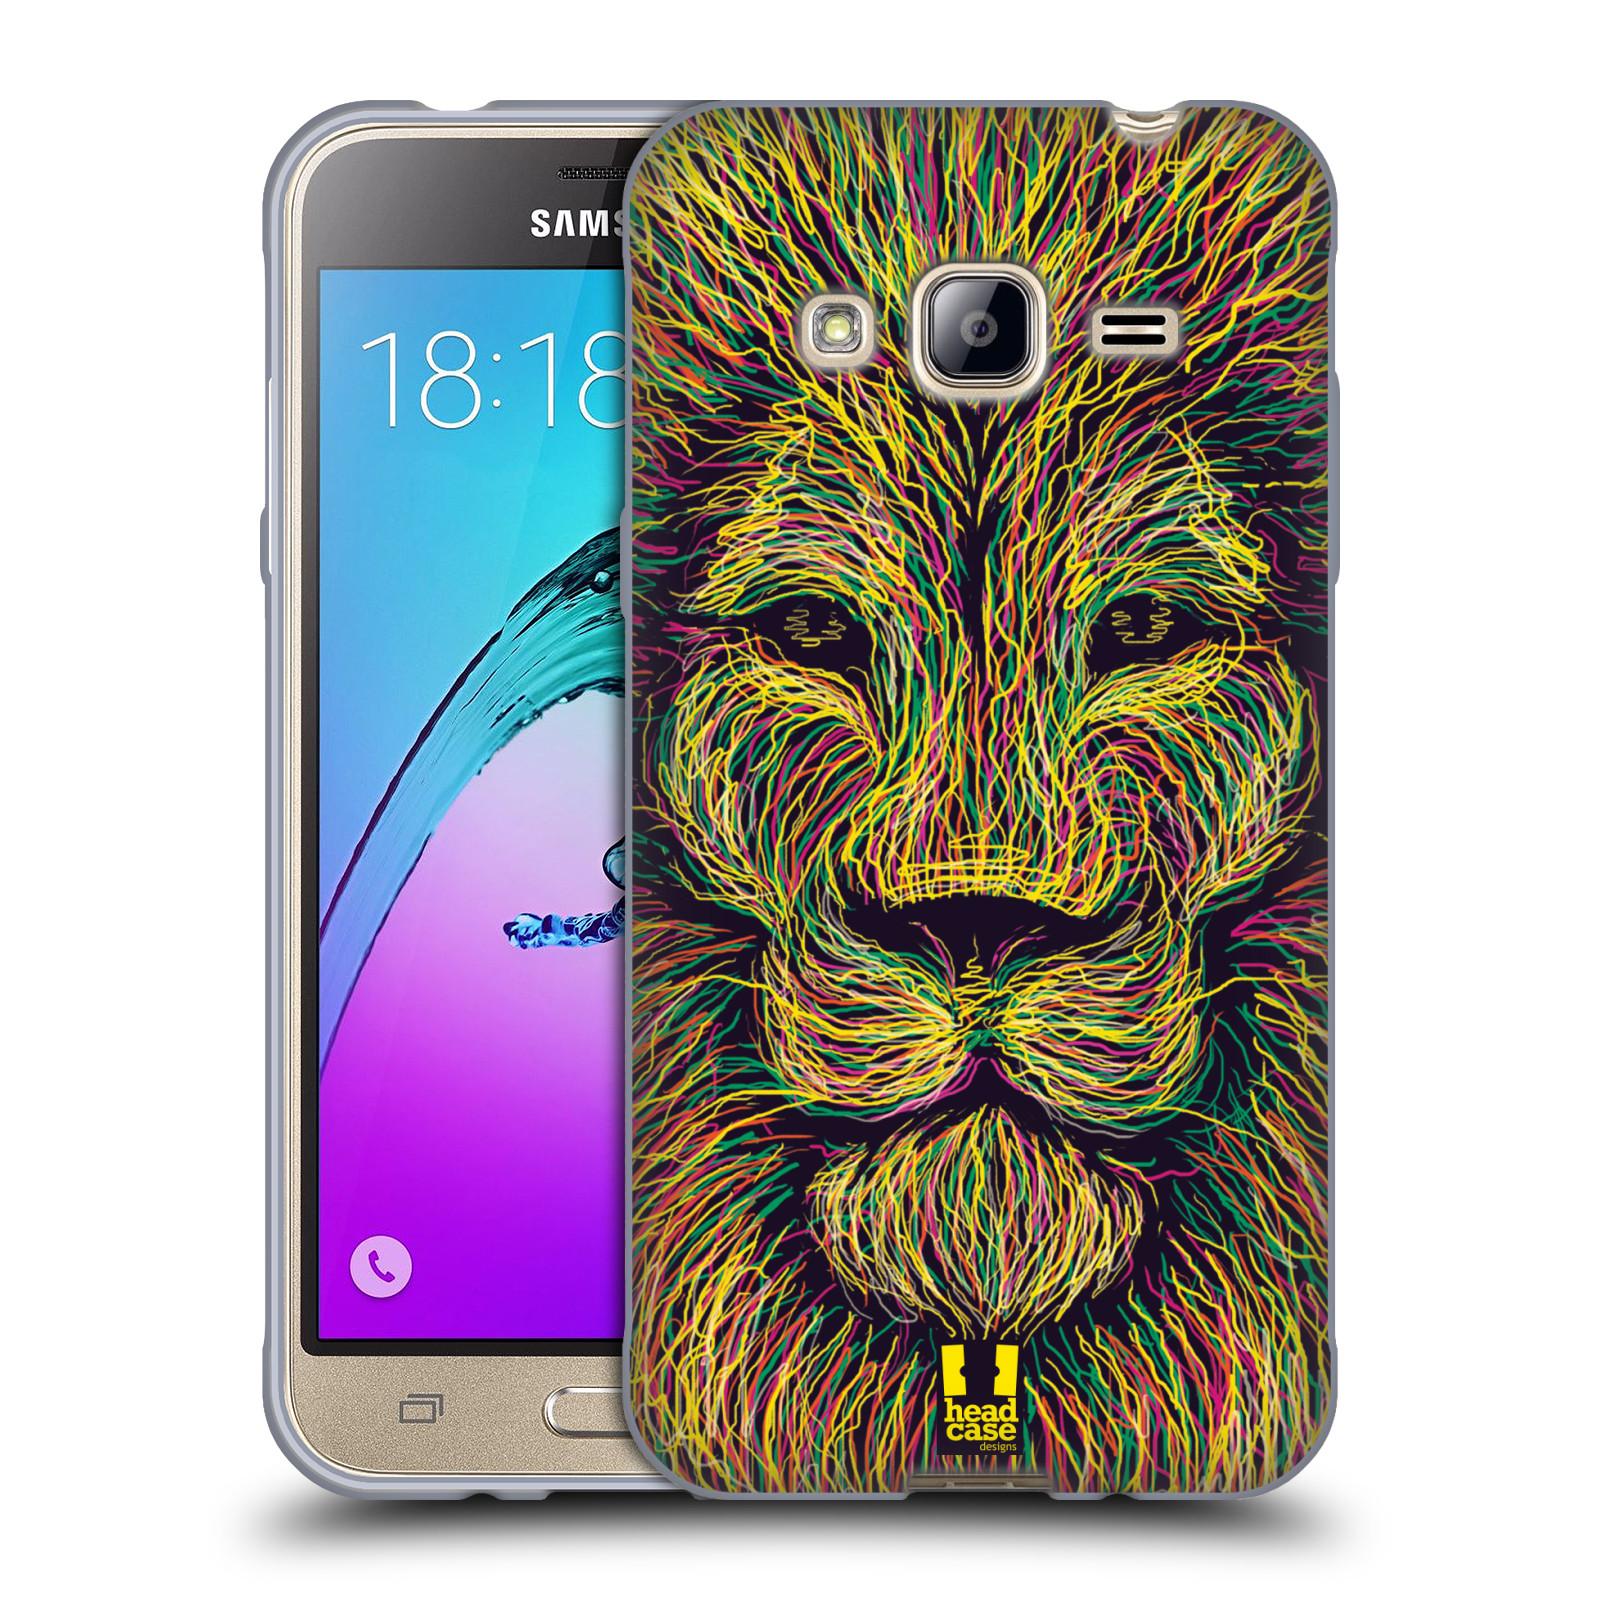 HEAD CASE silikonový obal na mobil Samsung Galaxy J3, J3 2016 vzor zvíře čmáranice lev